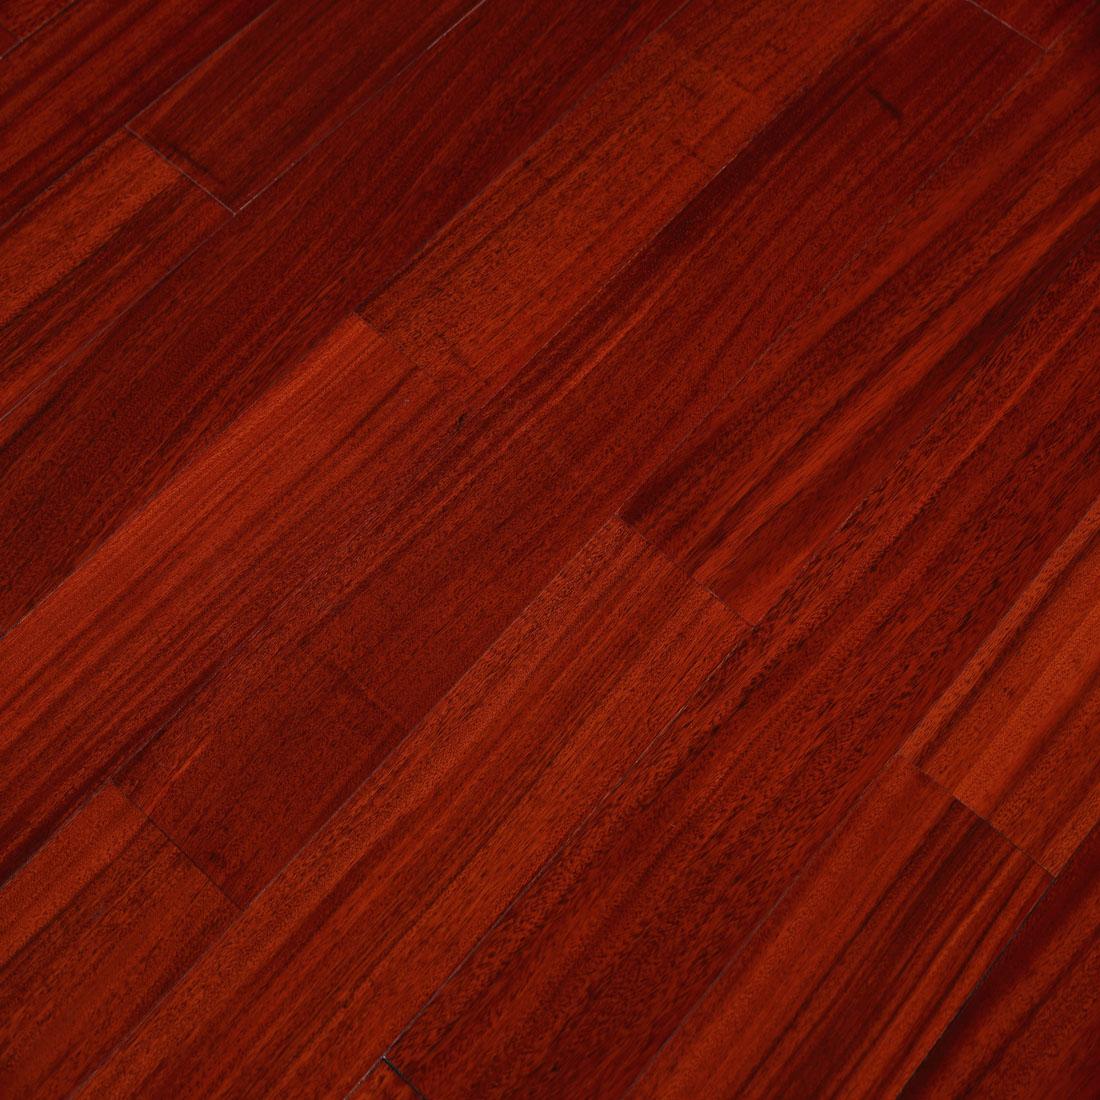 安心 家用实木地板圆盘豆